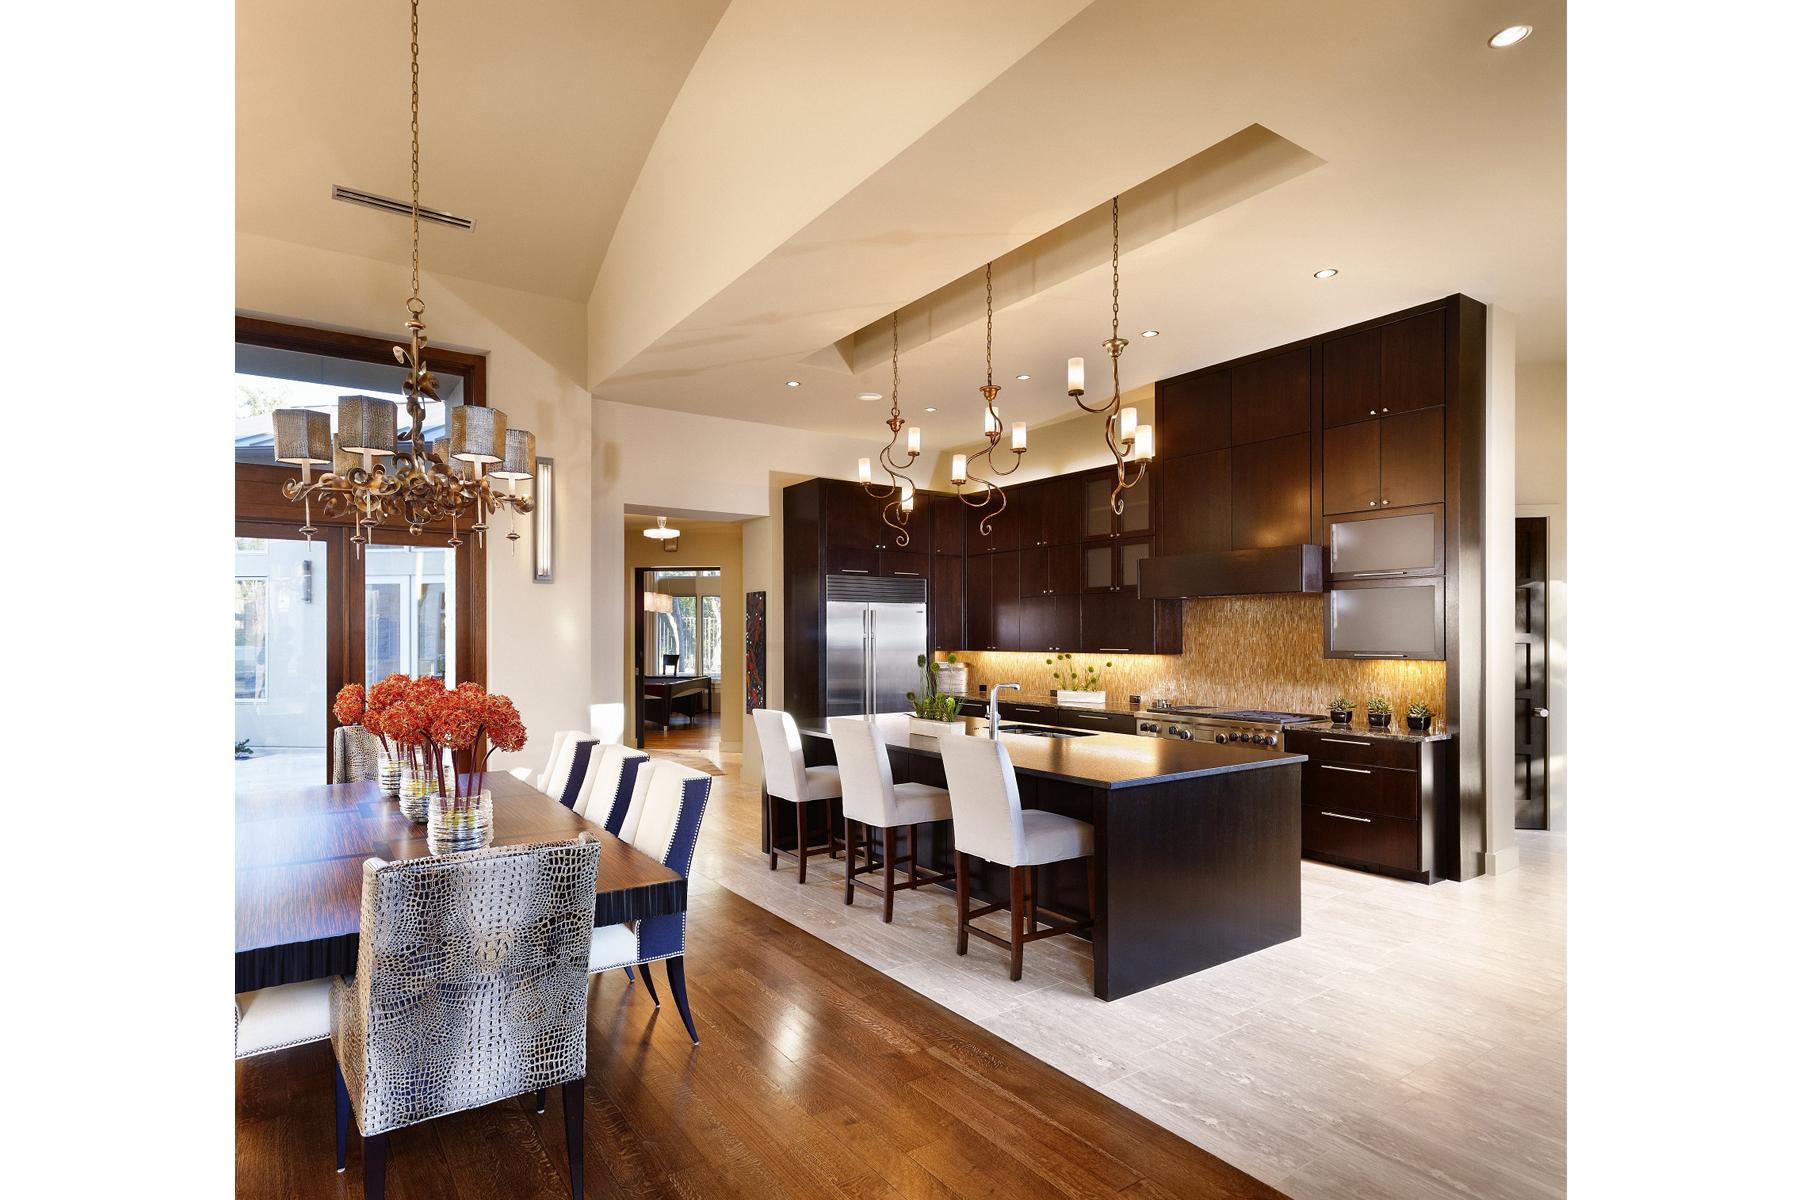 spanish-oaks-kitchen-dining